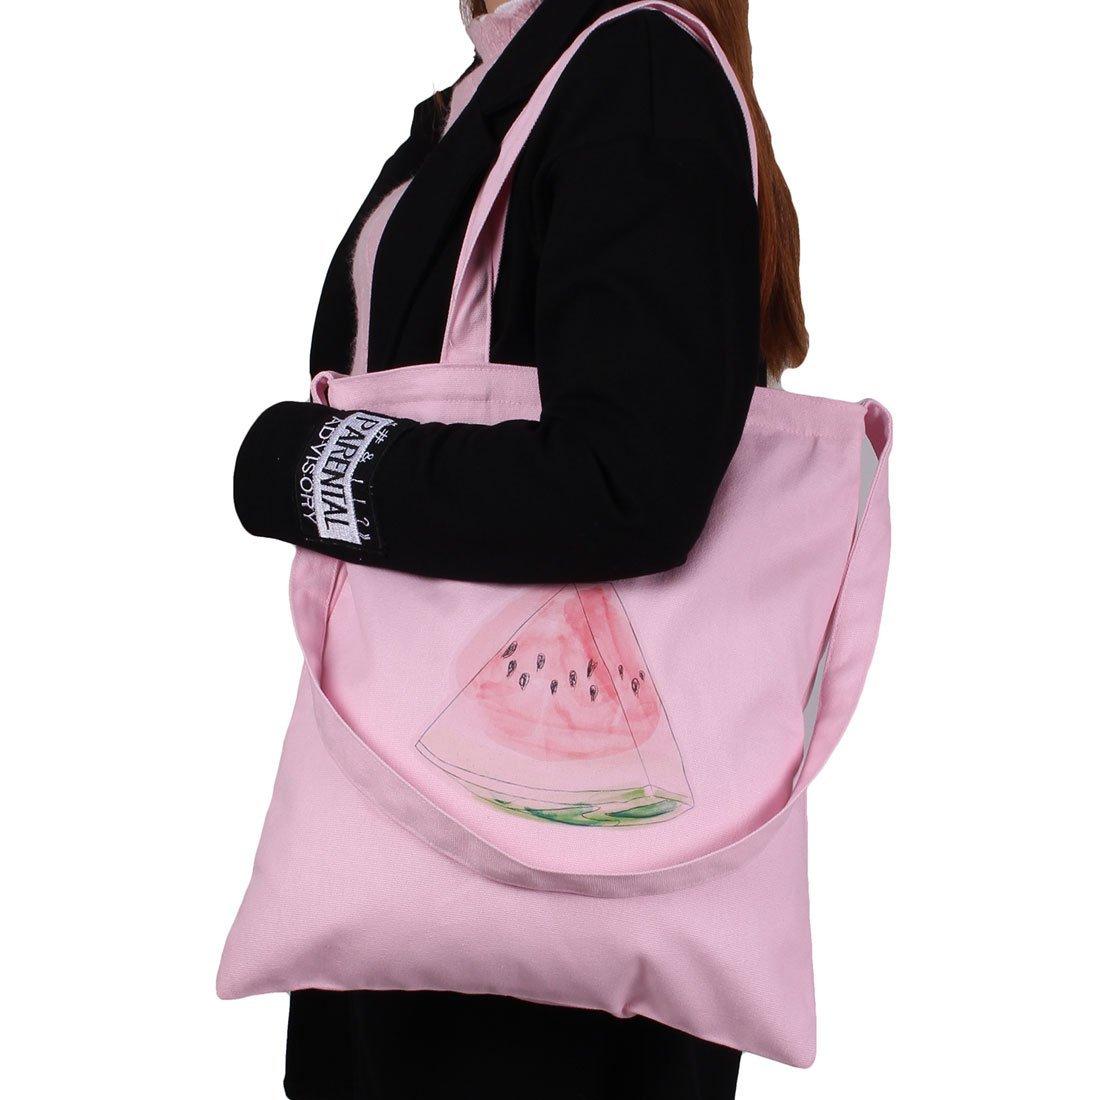 Amazon.com: Patrón eDealMax lienzo sandía Señora de compras fuera de mano del hombro la bolsa de asas rosada: Kitchen & Dining